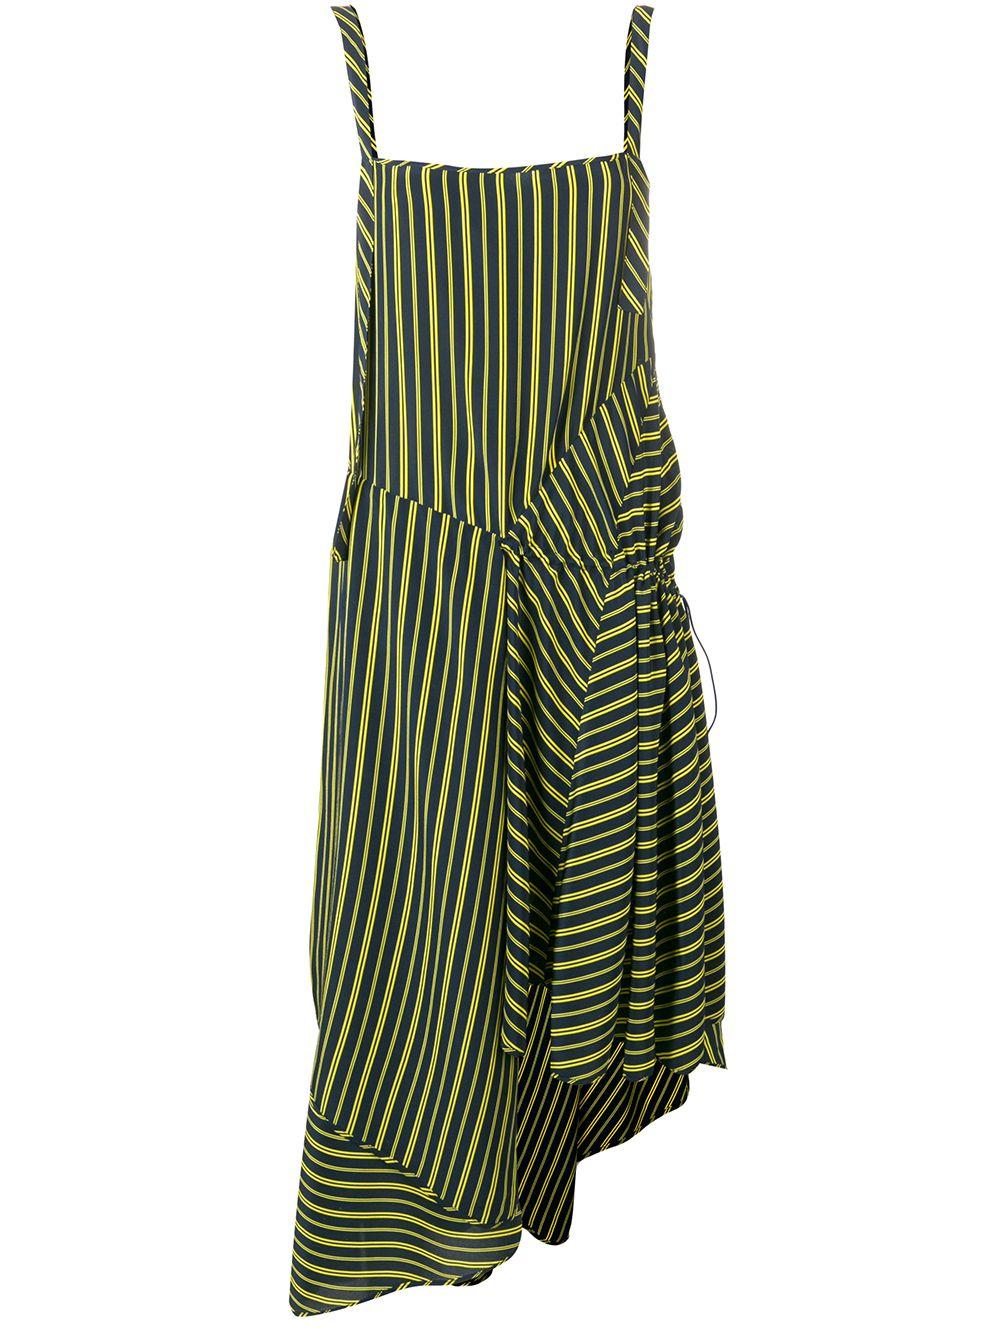 NINA RICCI | платье асимметричного кроя в полоску | Clouty